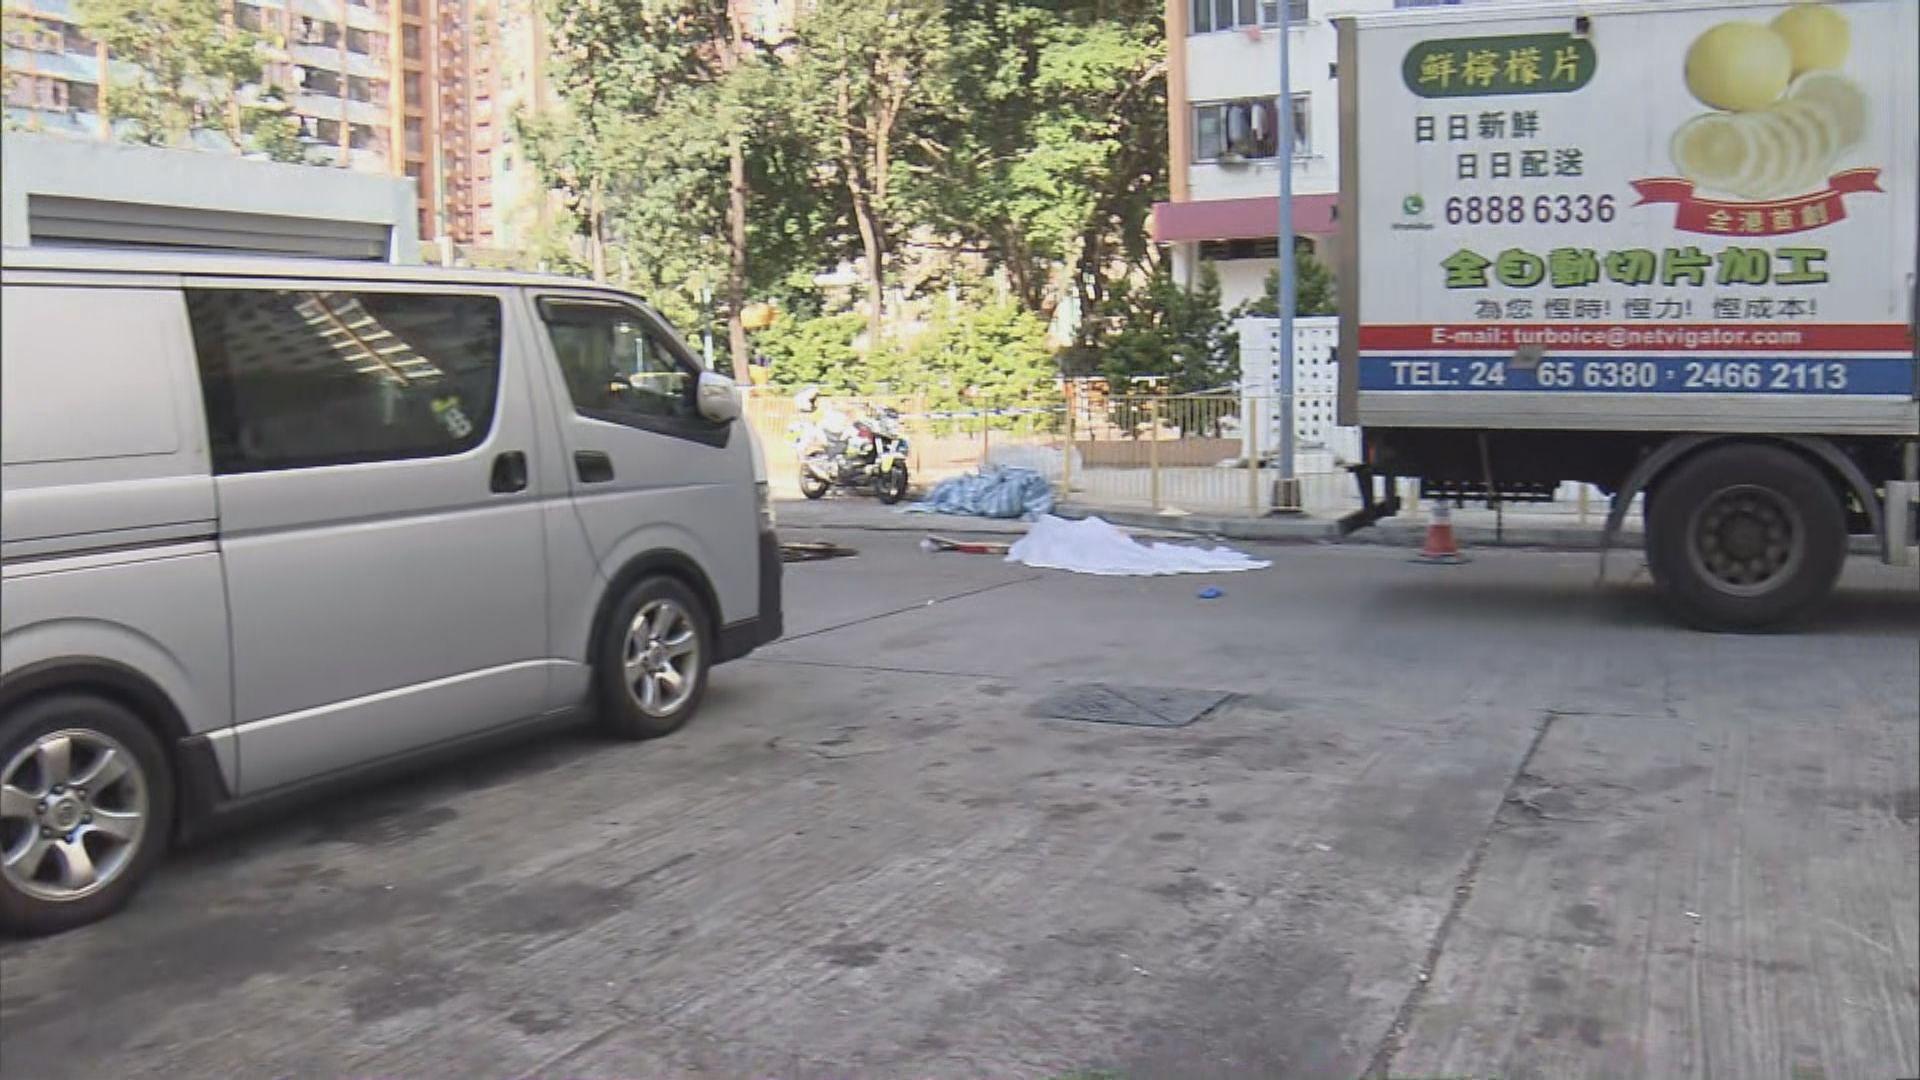 沙田沙角邨致命車禍 貨車撞斃過路女子